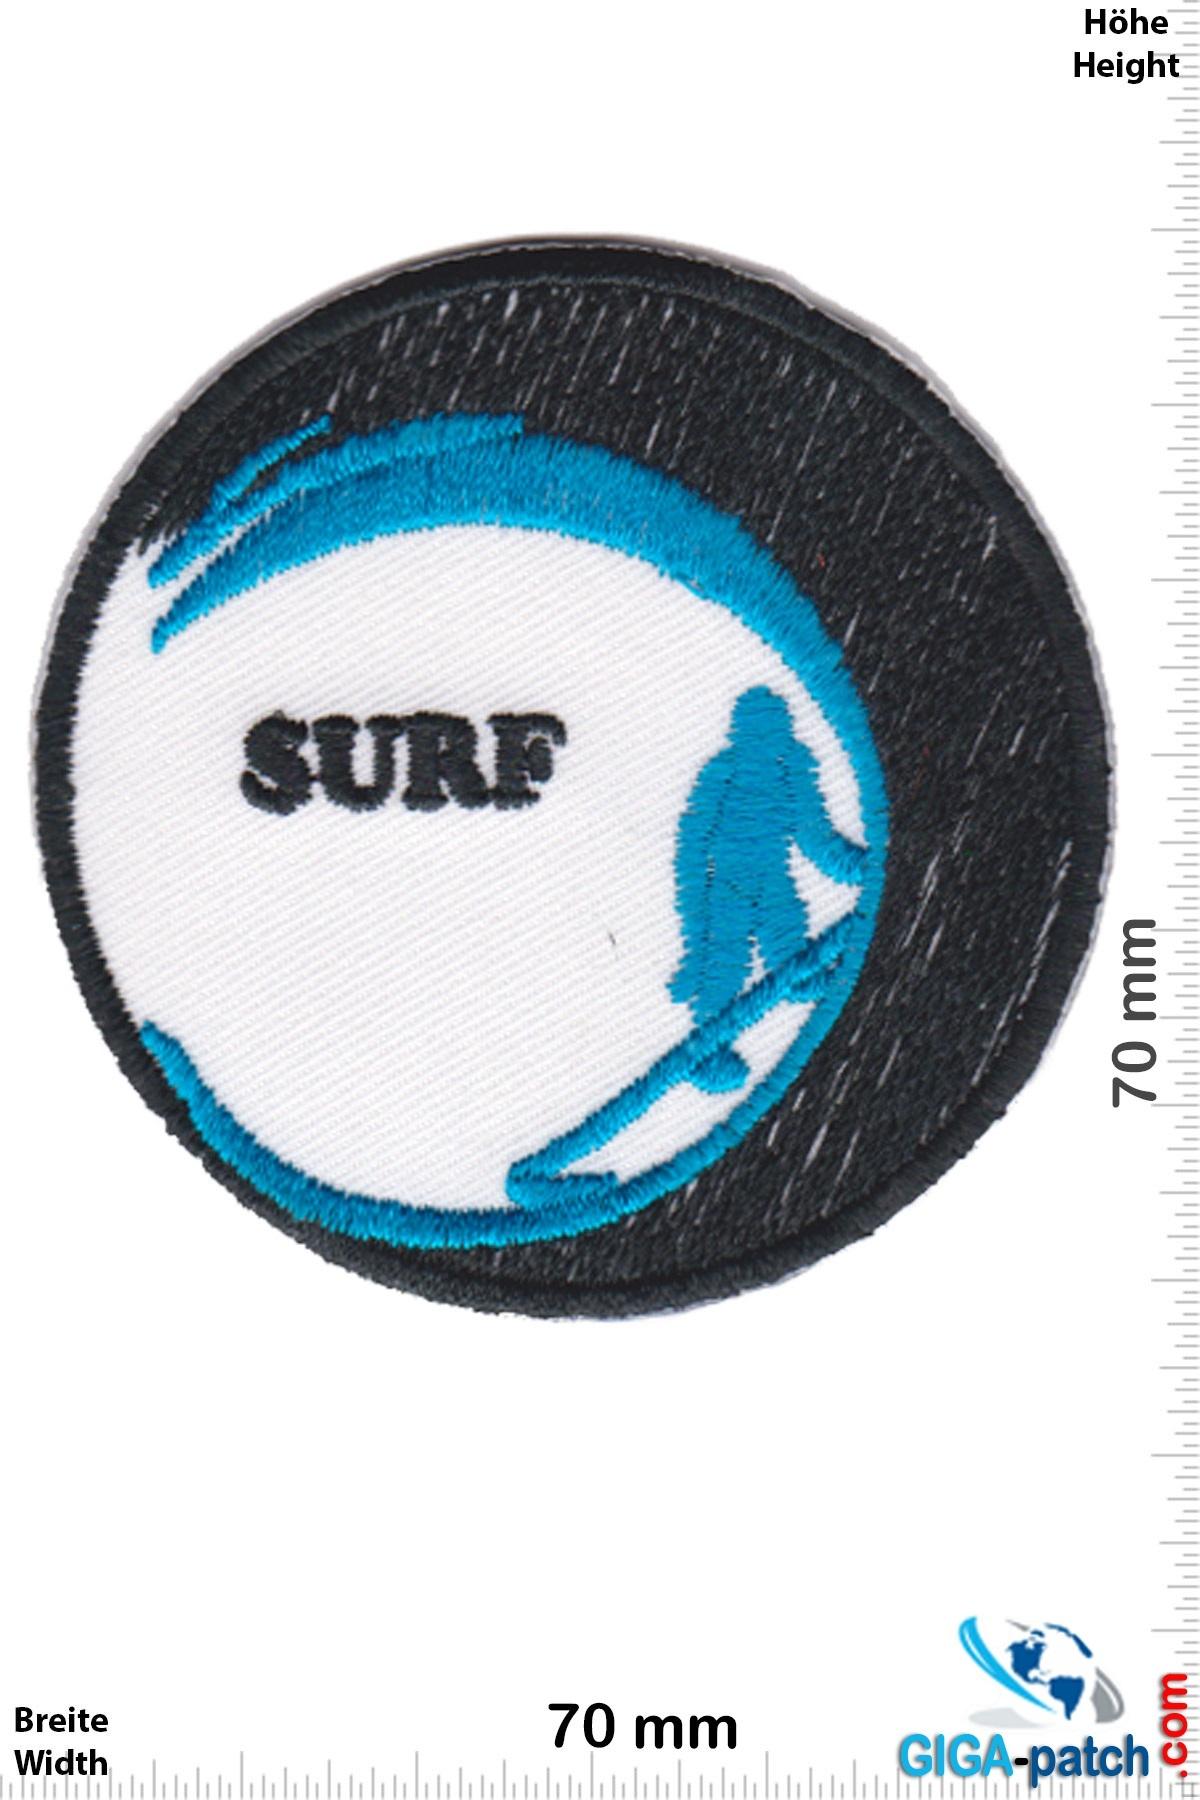 Surf - Surfing - blue black